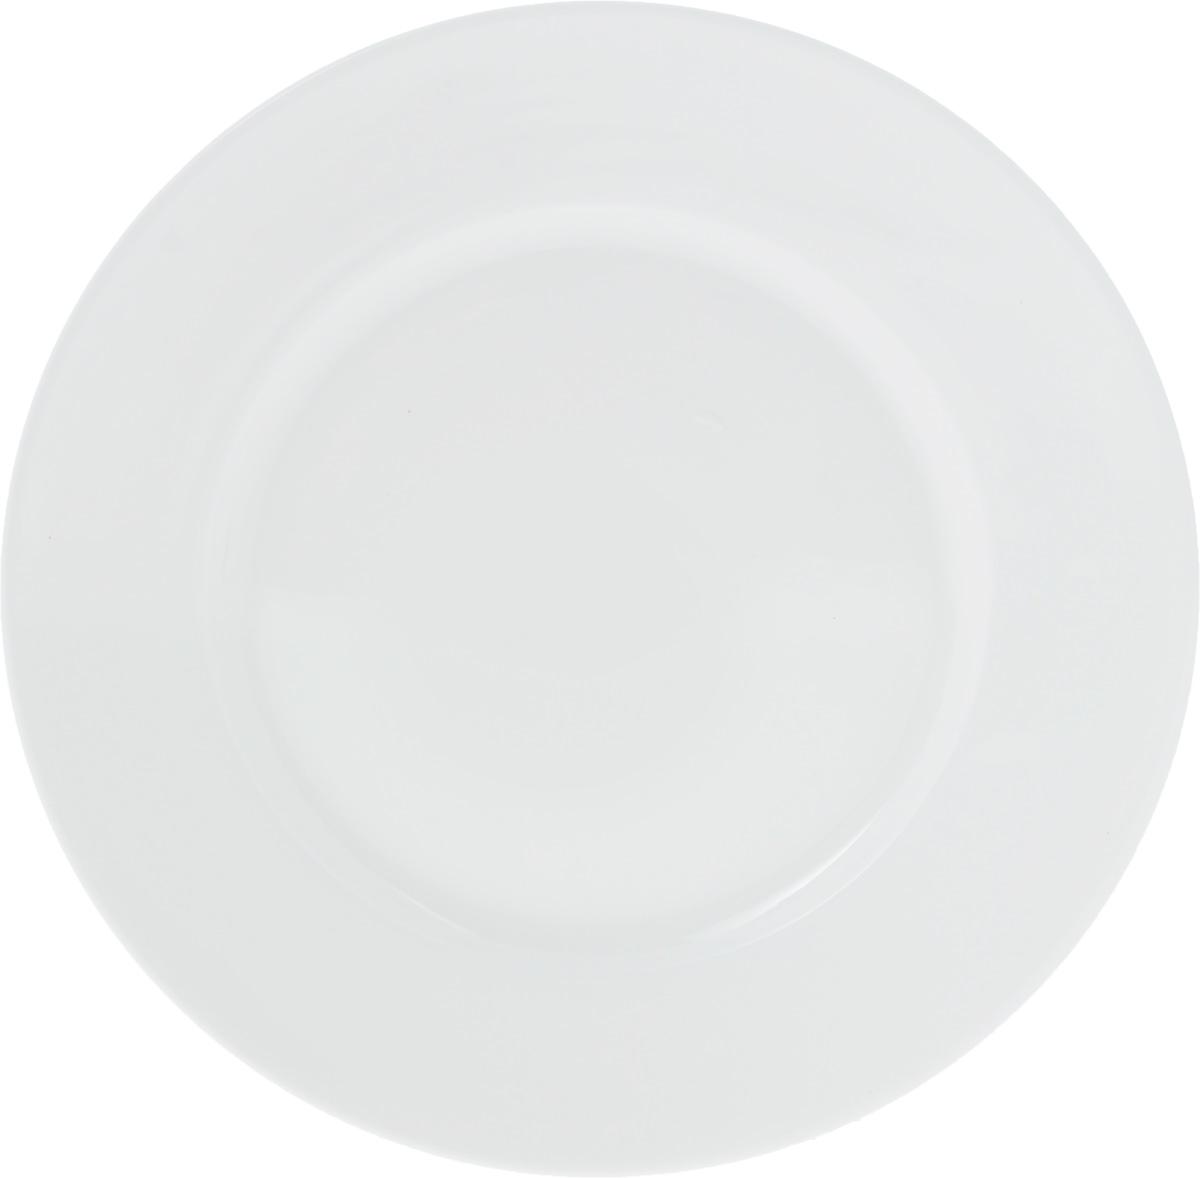 Тарелка Wilmax, диаметр 18 см. WL-991005 / A115510Тарелка Wilmax, выполненная из высококачественного фарфора, имеет классическую круглую форму. Изделие идеально подойдет для сервировки стола и станет отличным подарком к любому празднику.